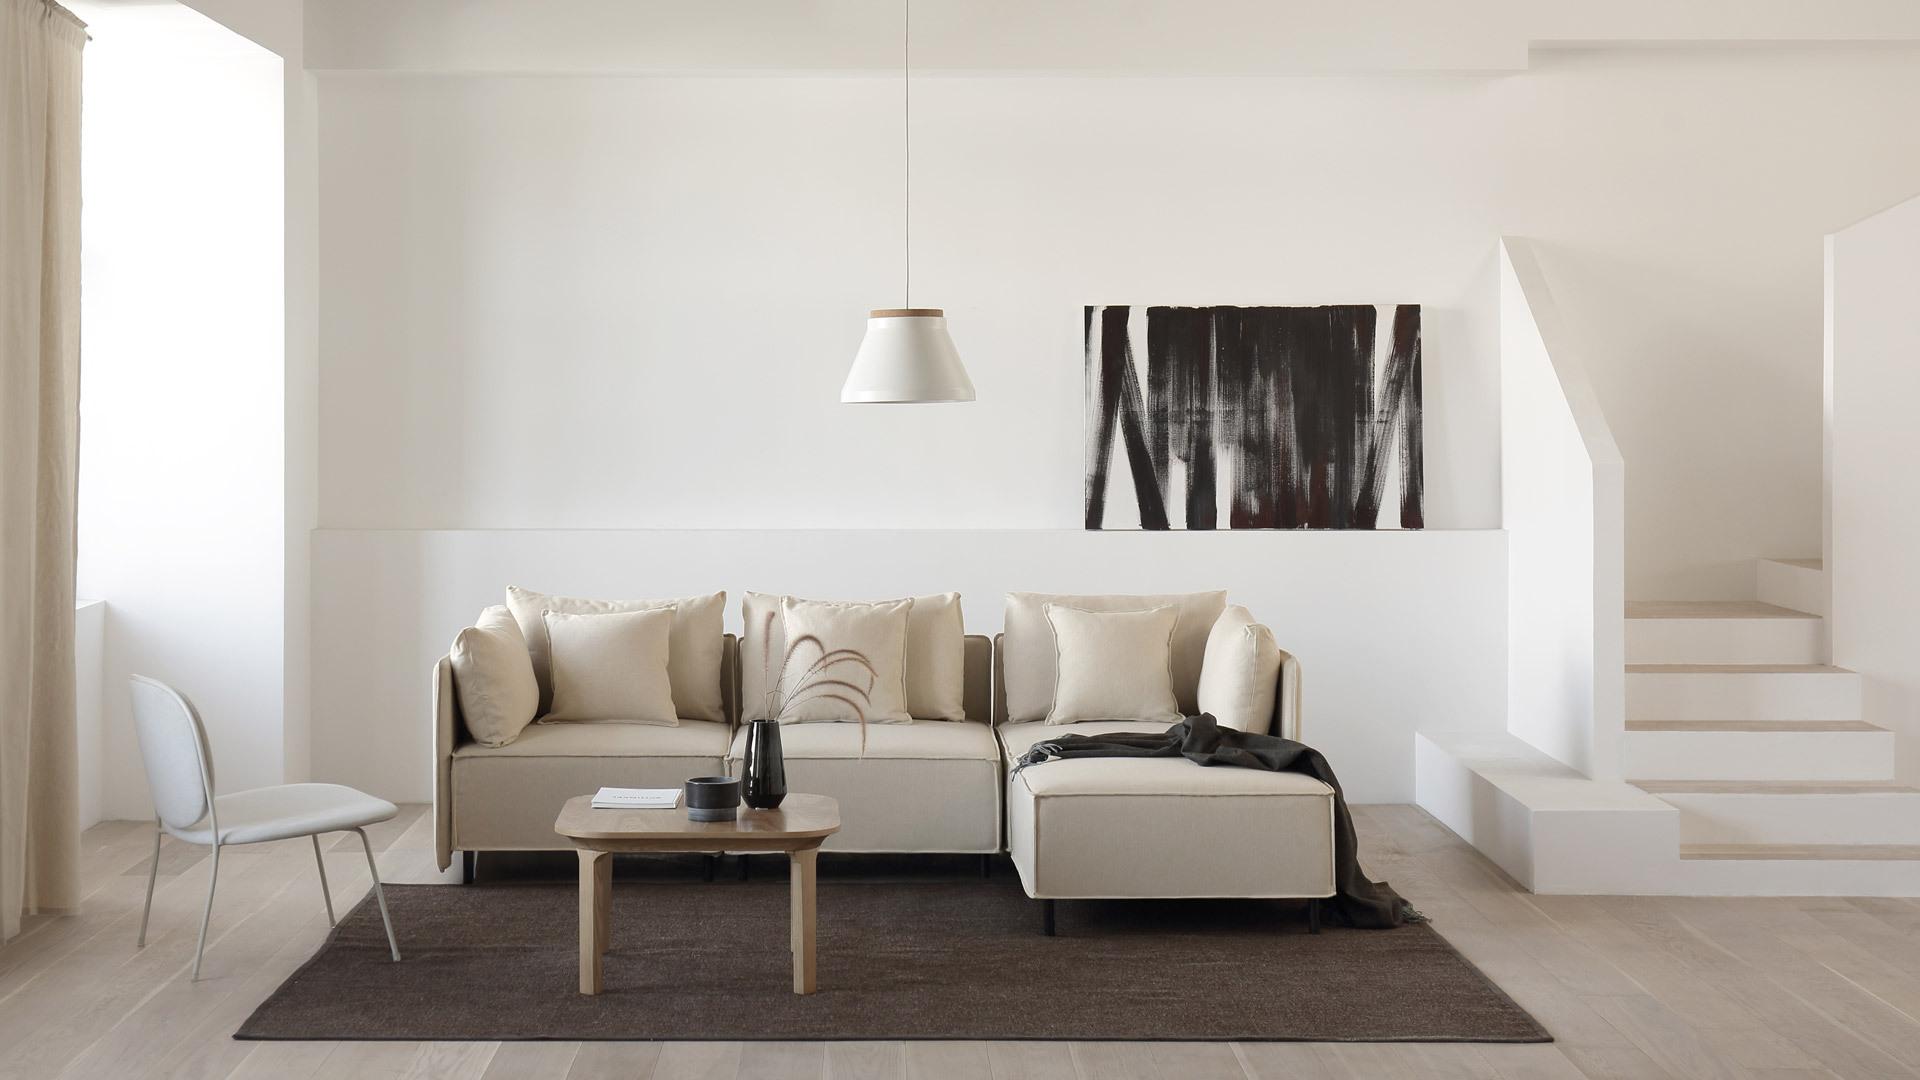 精致型格,塑造舒适休闲区